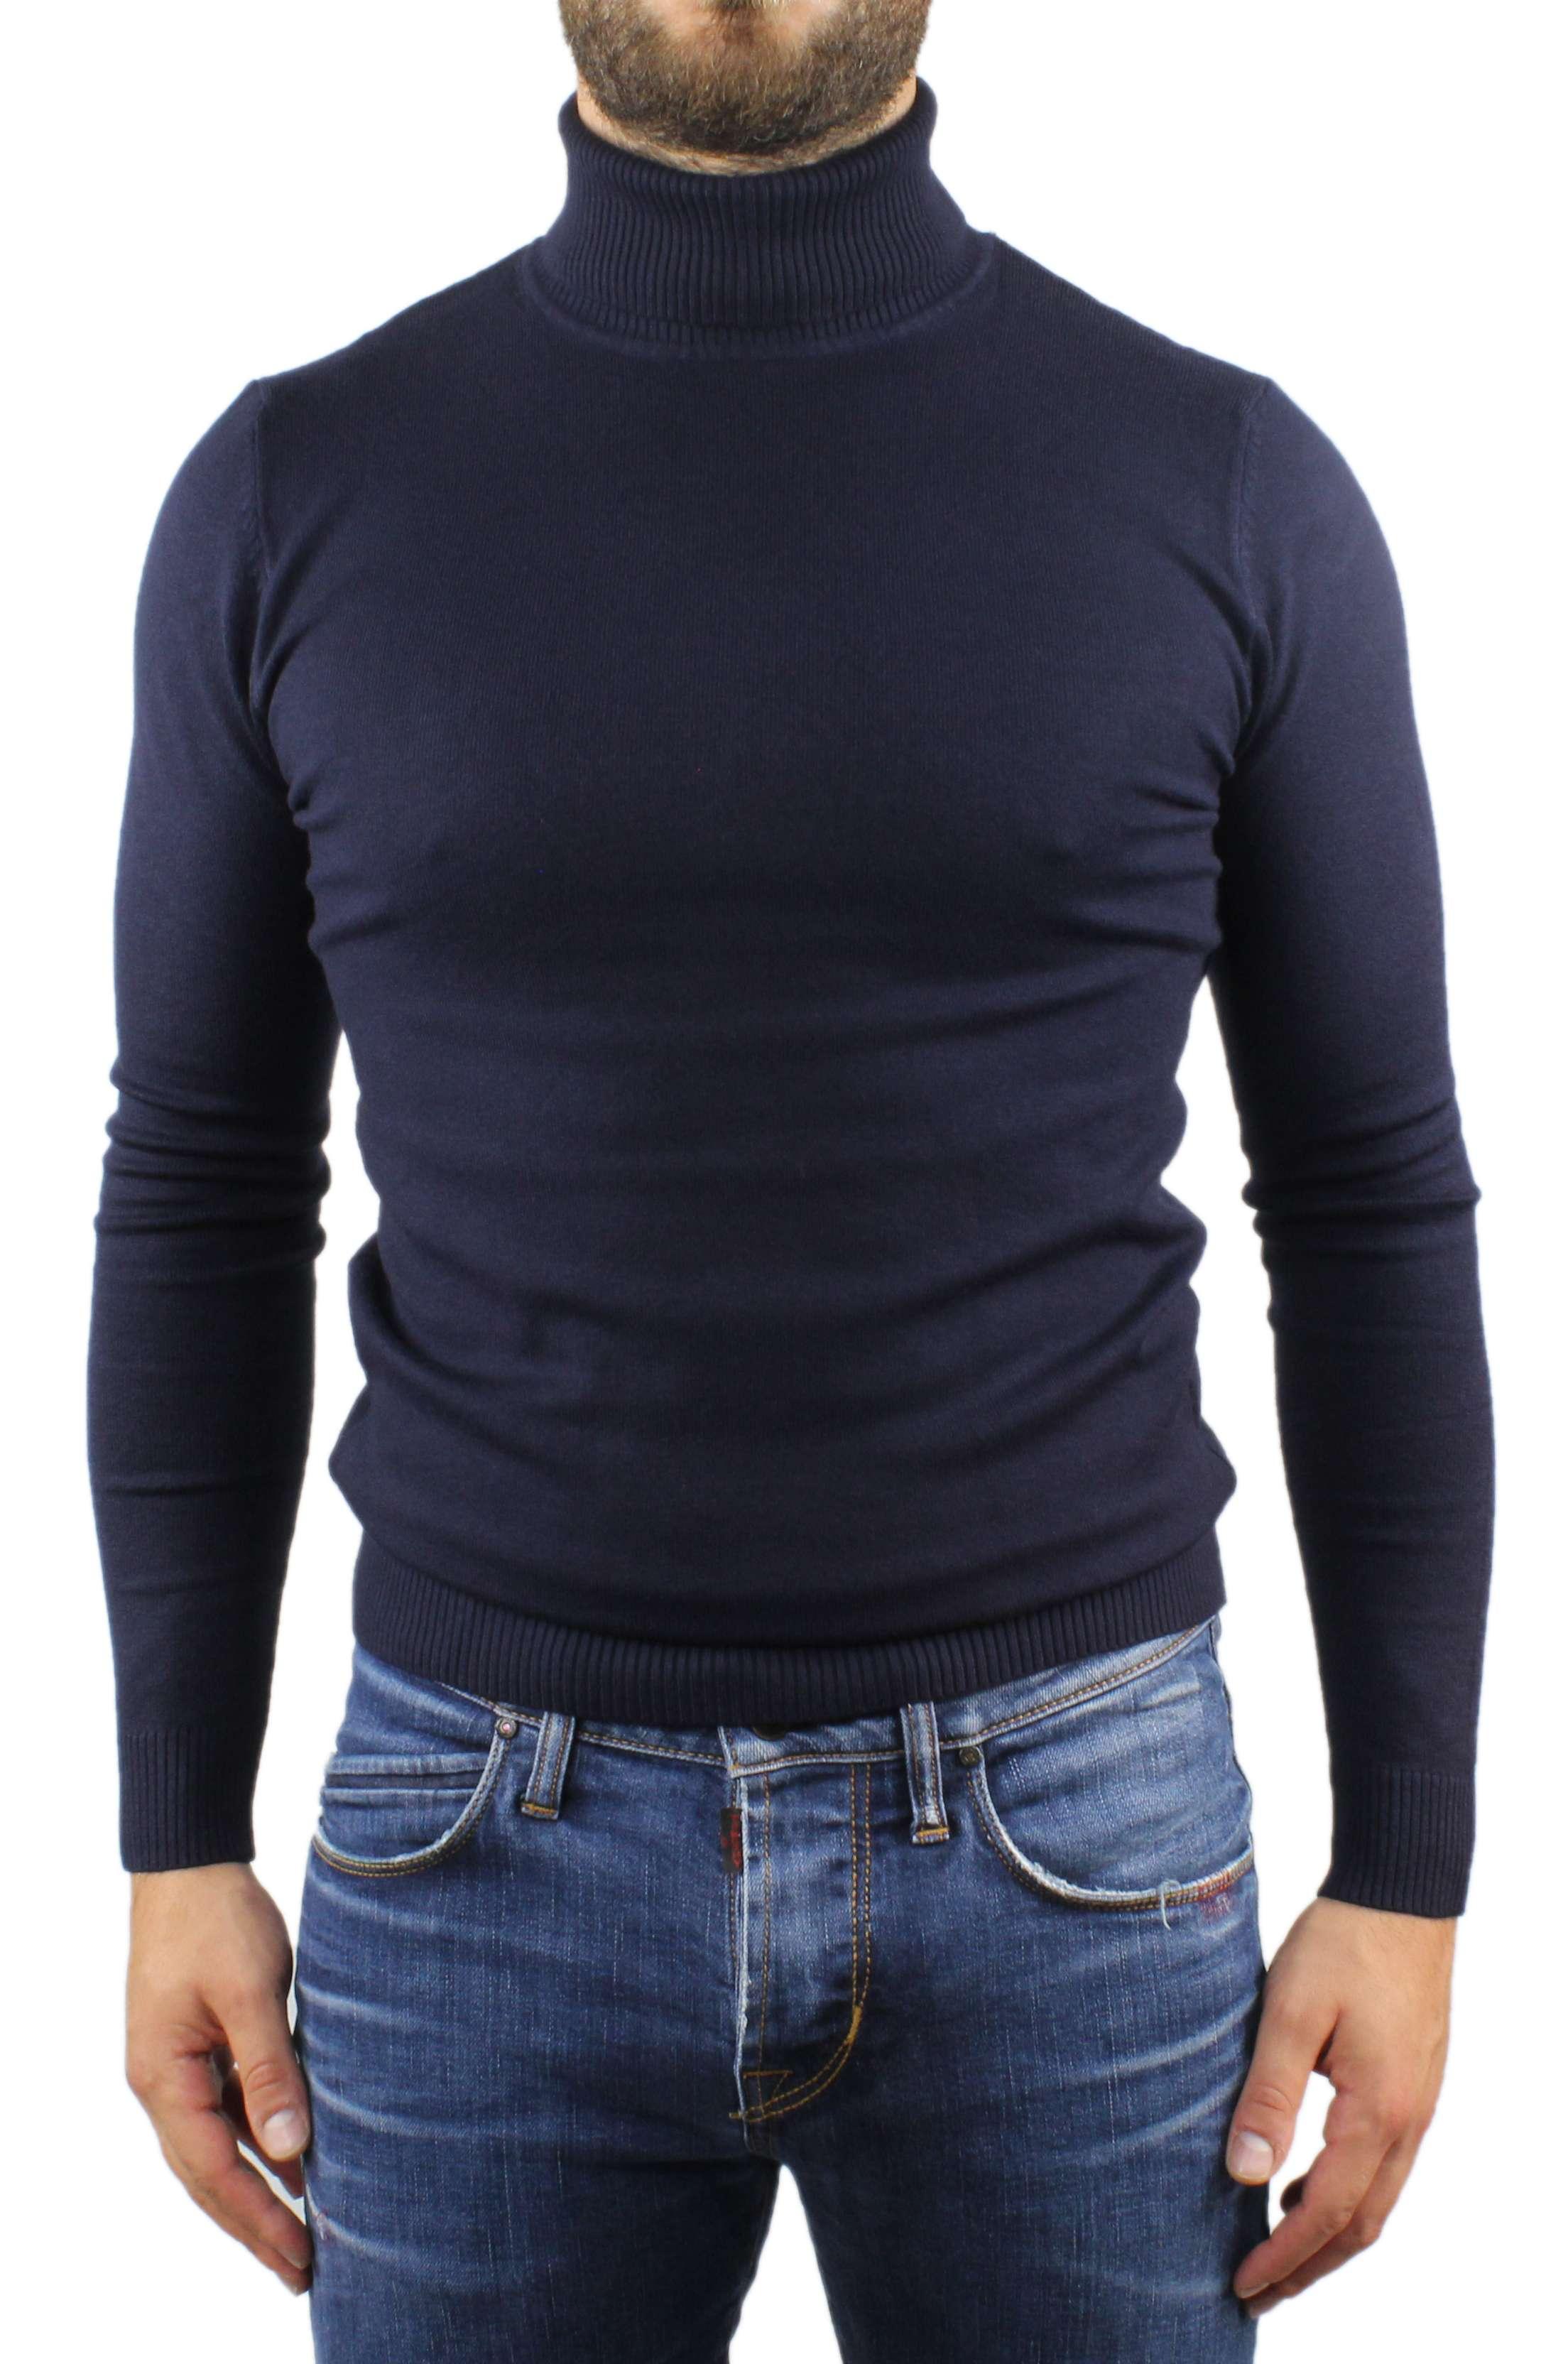 Maglione-Uomo-Collo-Alto-Dolcevita-Maglia-Blu-Nero-Bordo-Lupetto-Maglioncino miniatura 5